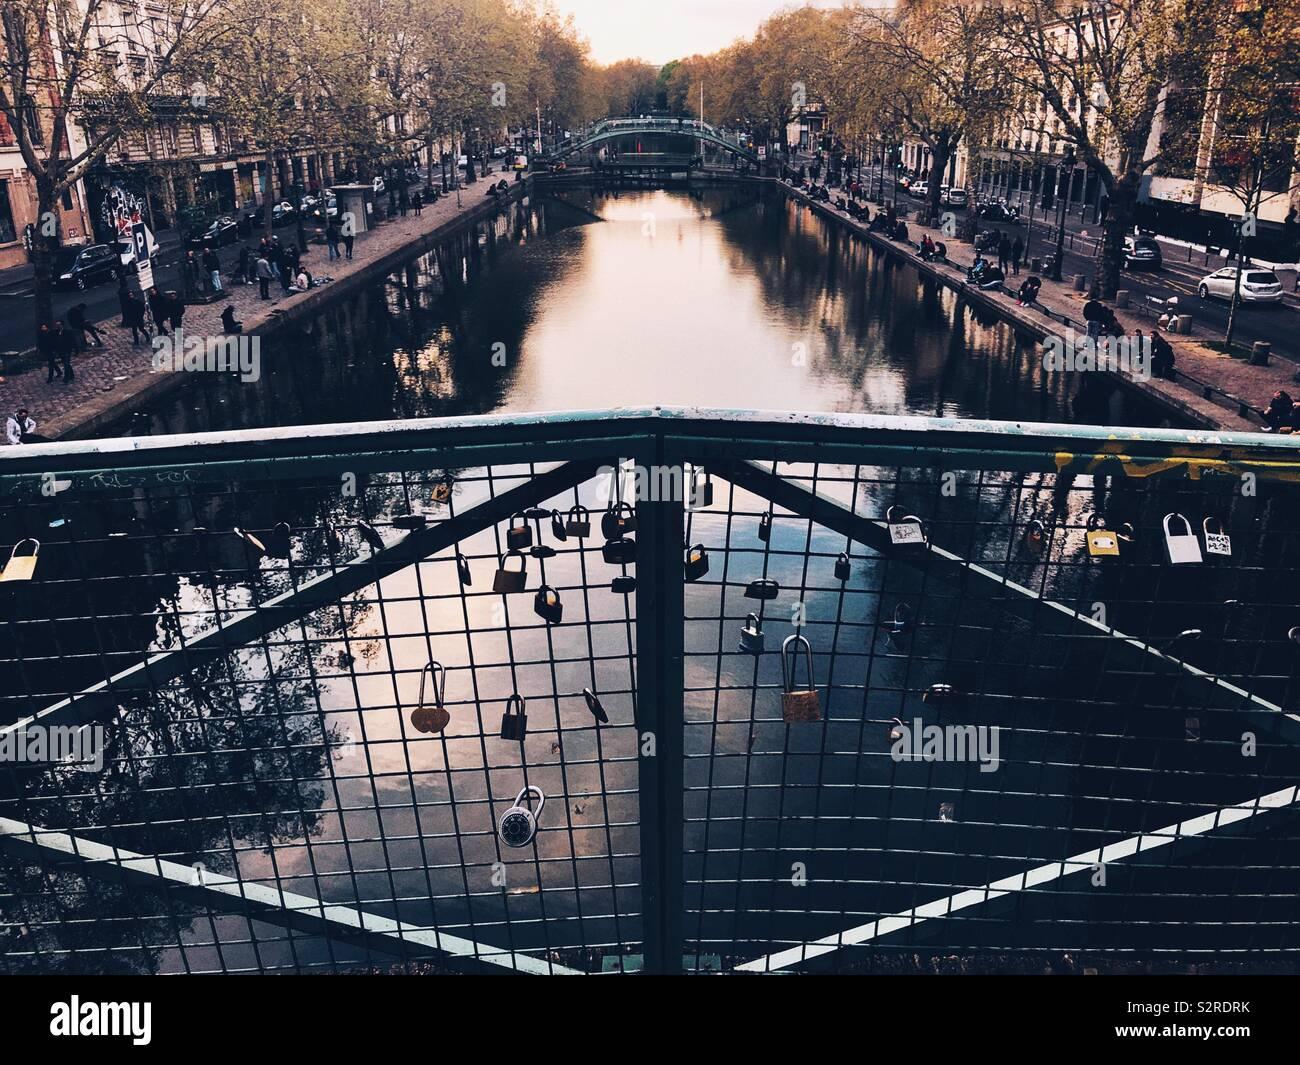 Liebe Schlosser Schmucken Brucke In Paris Stockfoto Bild